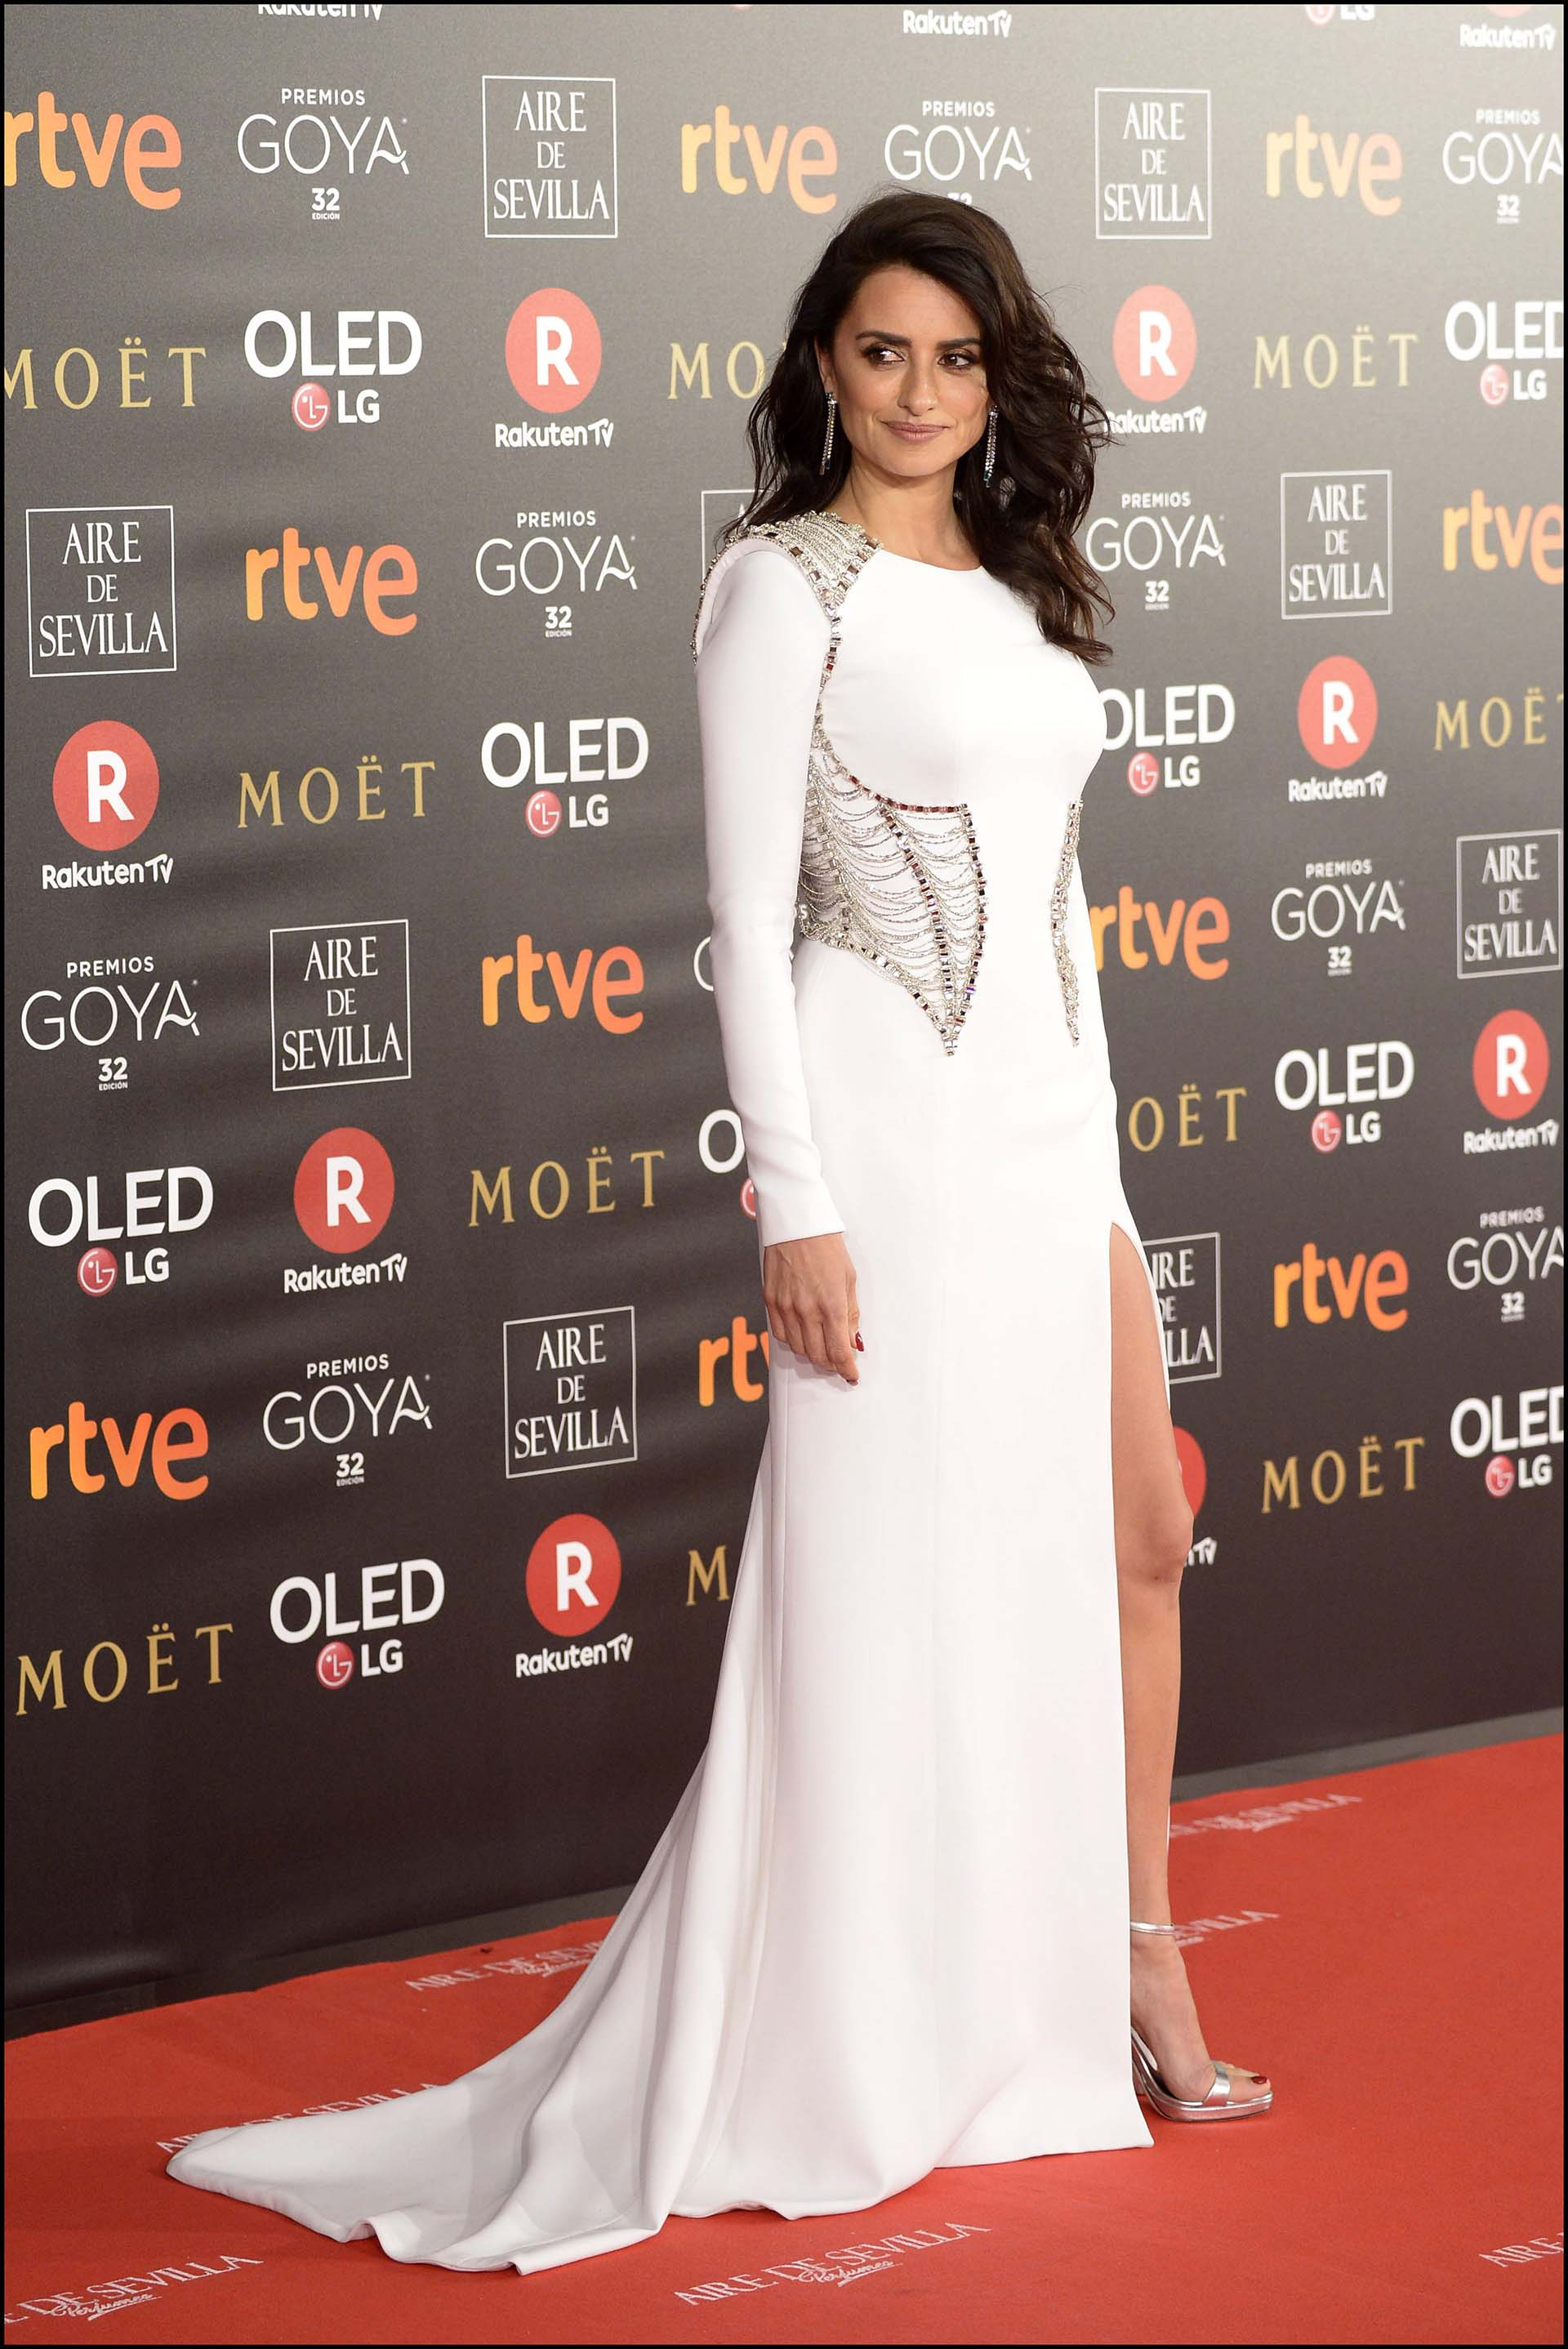 Penelope Cruz, la más elegante de la gala, con un diseño en total white de Atelier Versace. Con detalles metalizados en cintura y espalda, al igual que sus complementos.